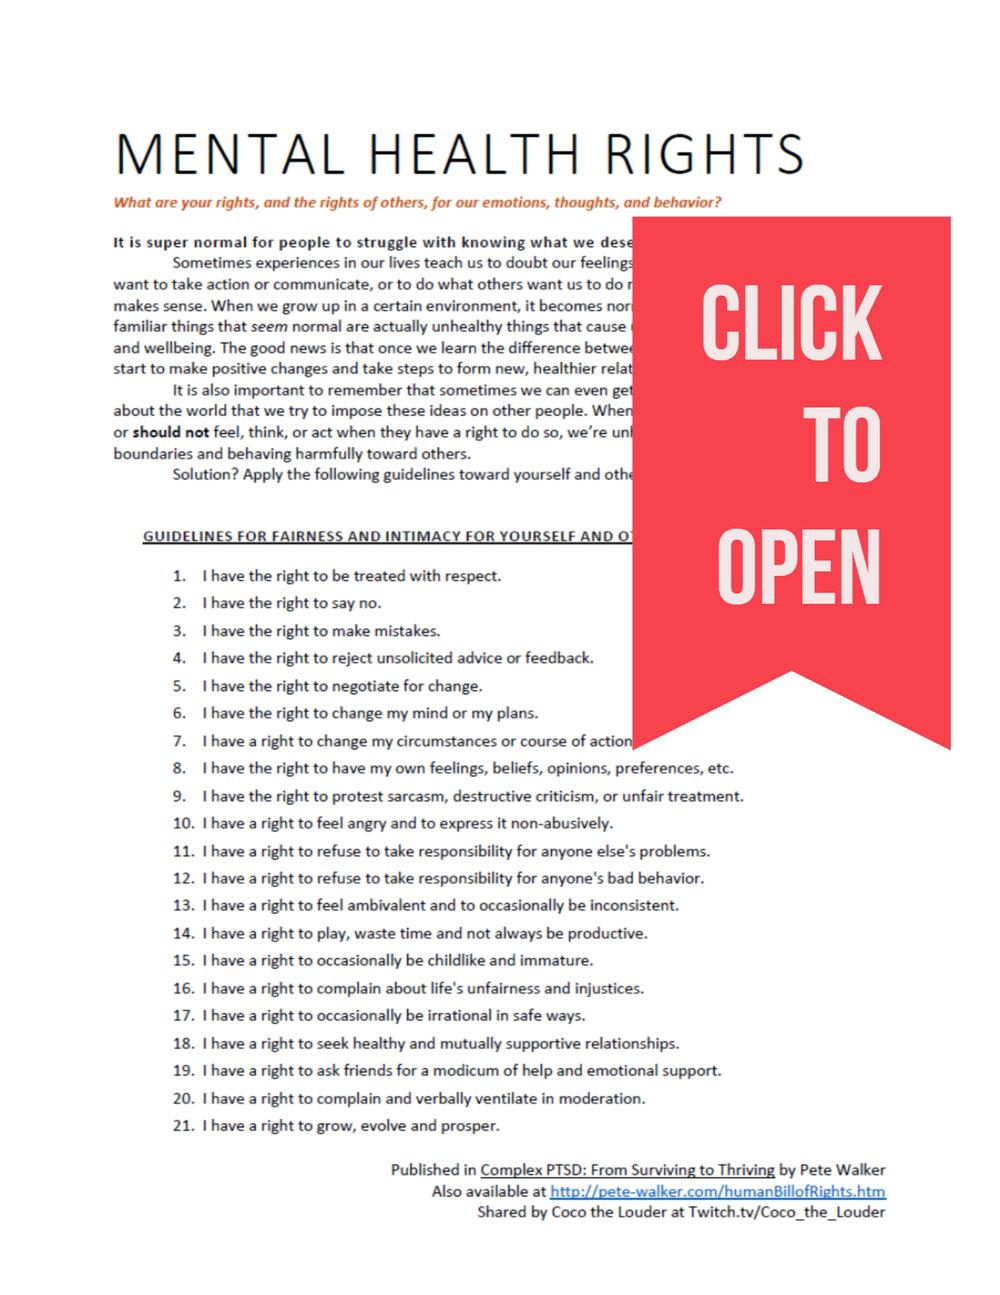 rights click.jpg